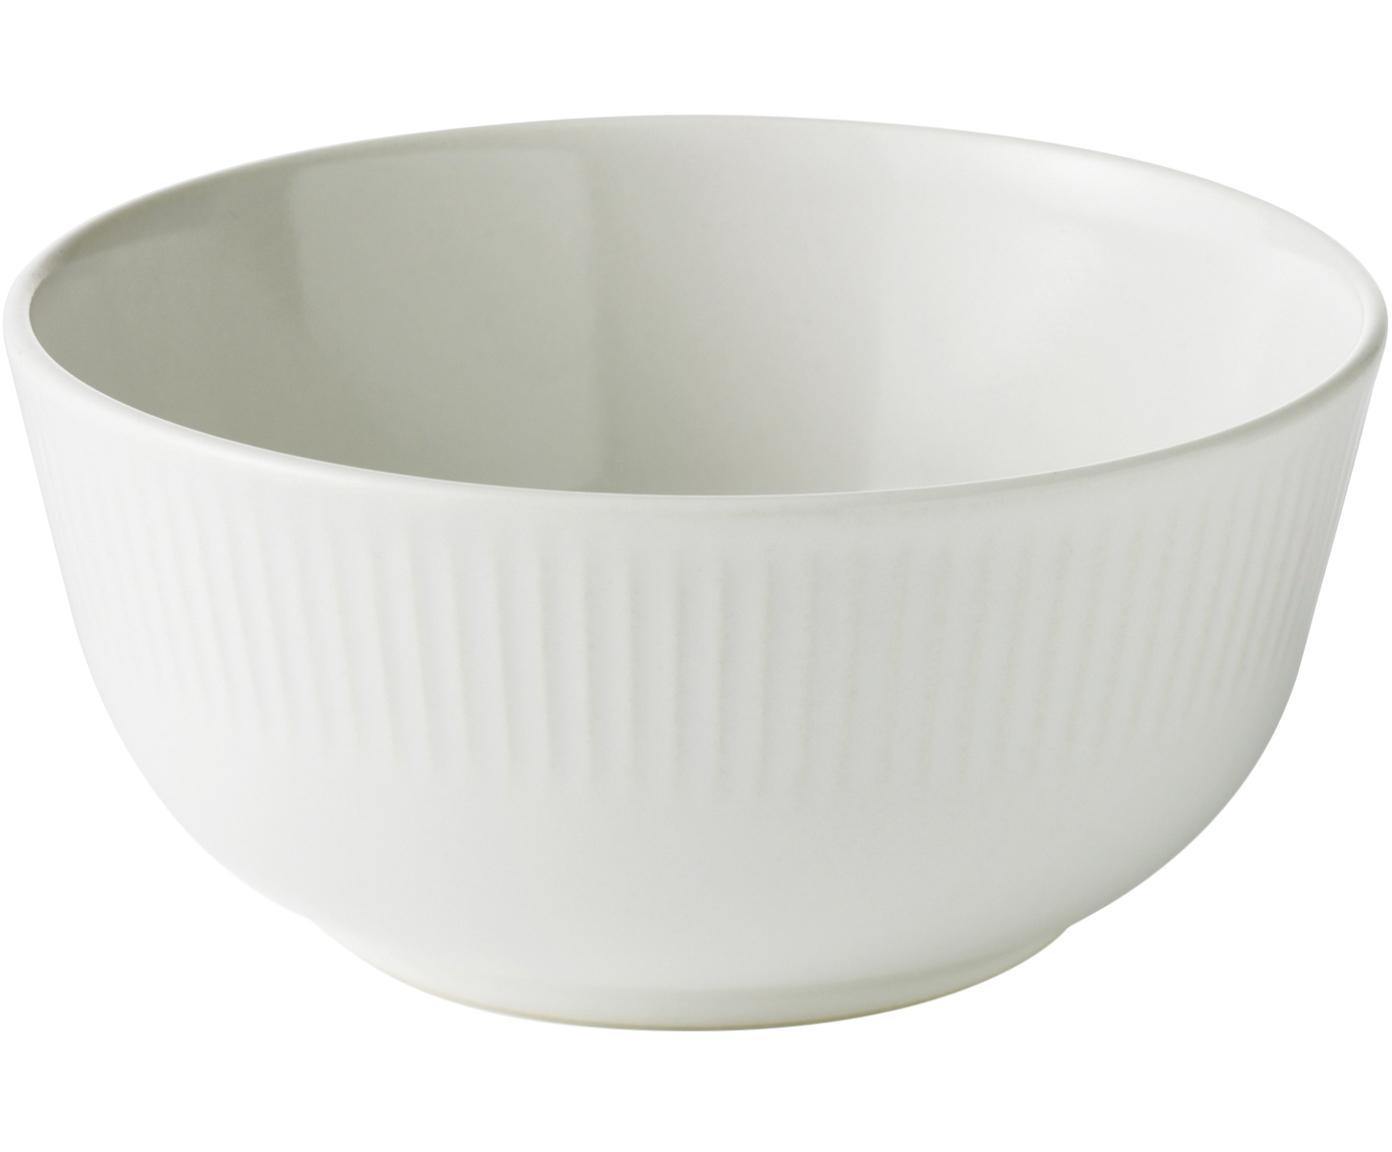 Ciotole Groove, 4 pz., Terracotta, Bianco, Ø 15 x Alt. 7 cm